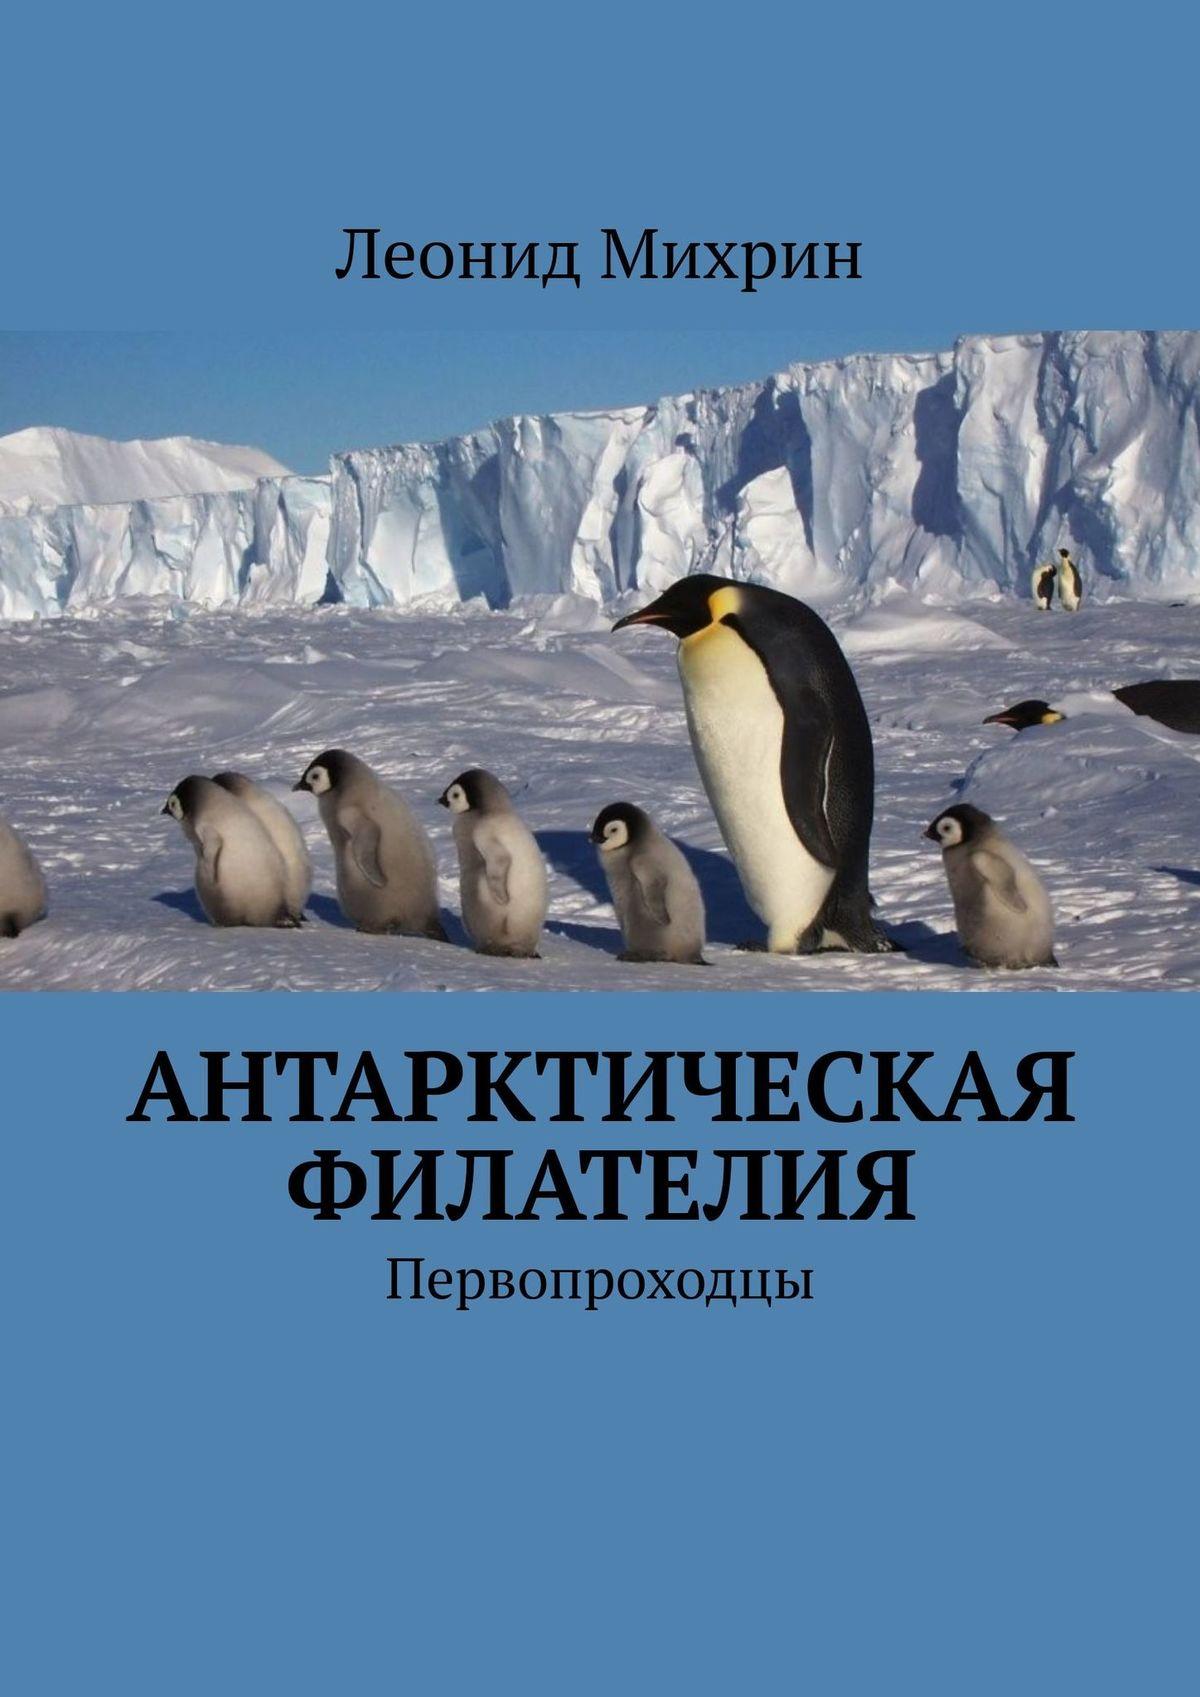 Леонид Михрин Антарктическая филателия. Первопроходцы Антарктики